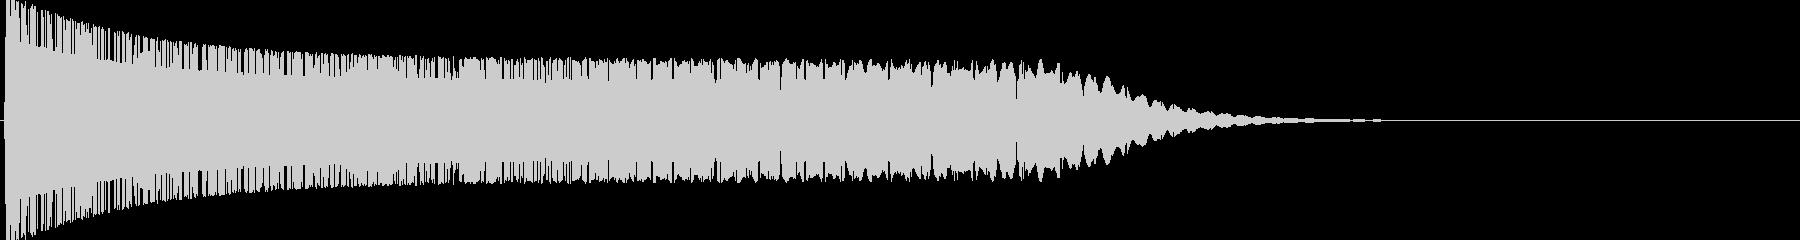 エネルギーが溜まる音の未再生の波形